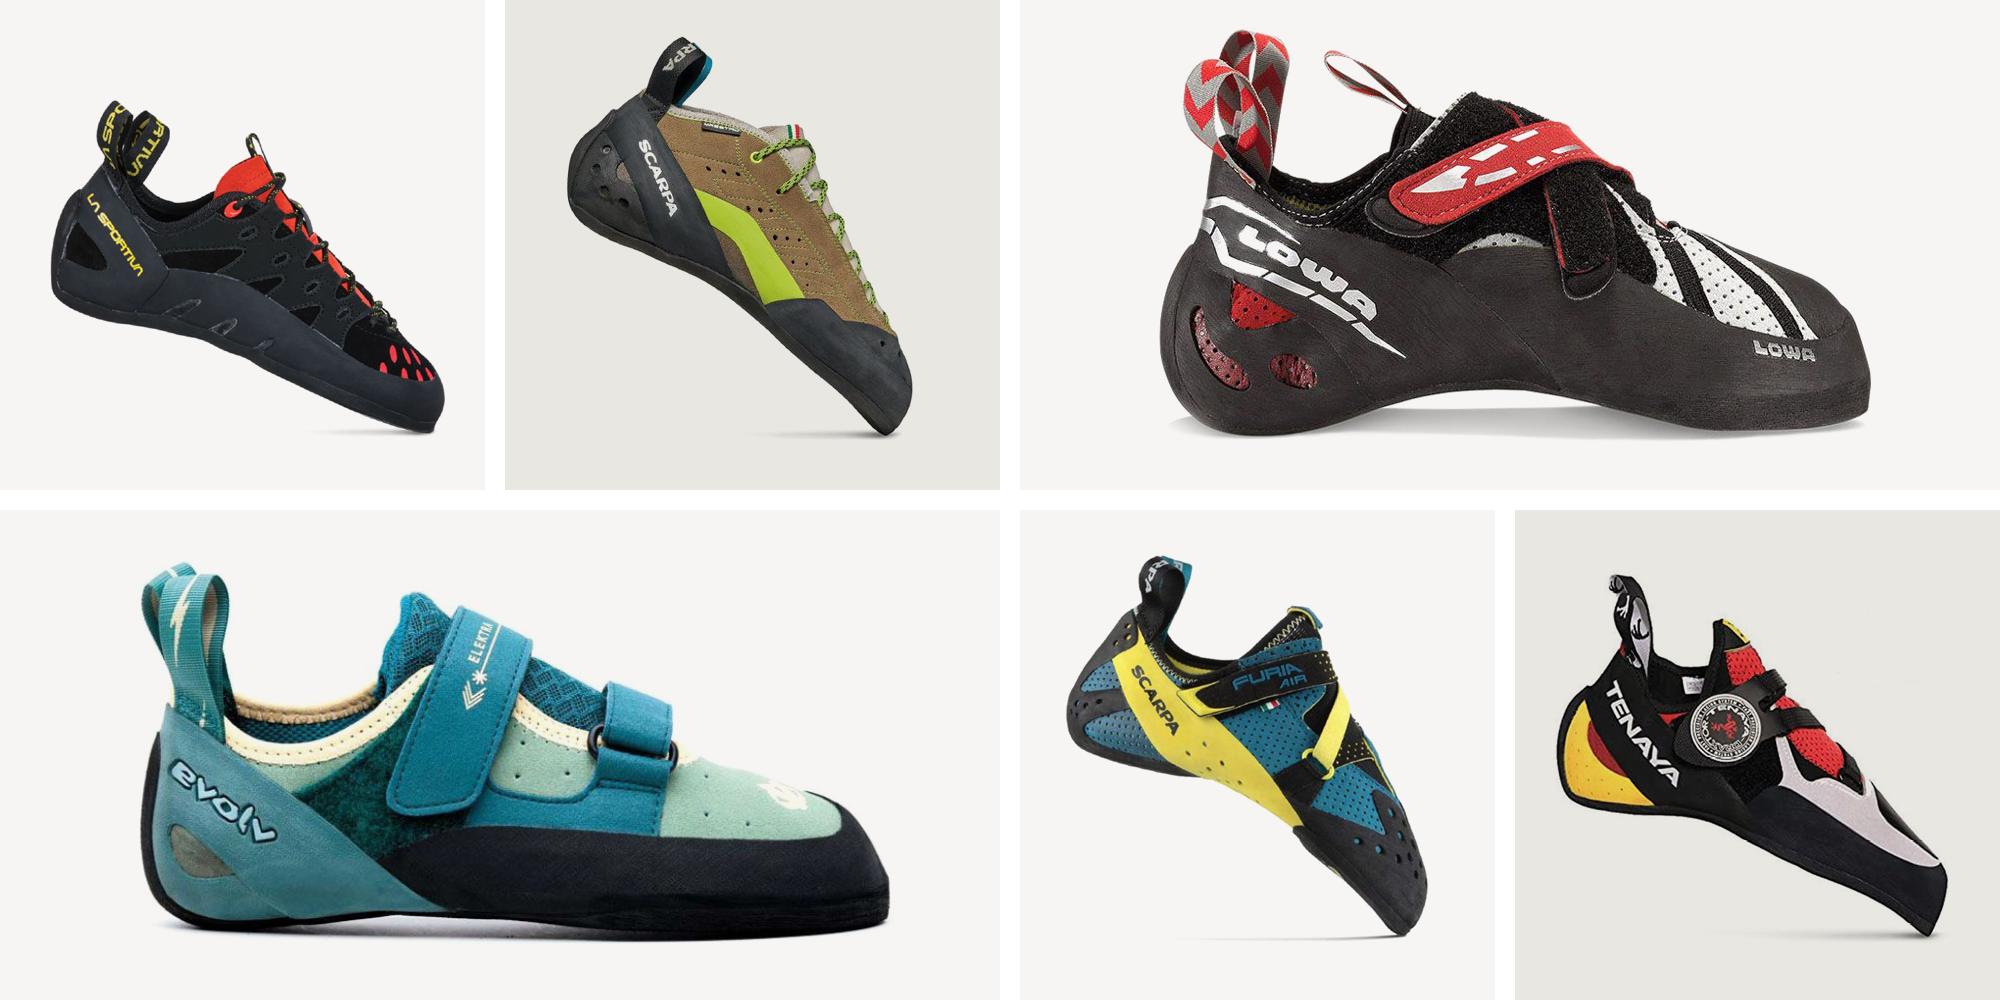 Best Rock Climbing Shoes 2020